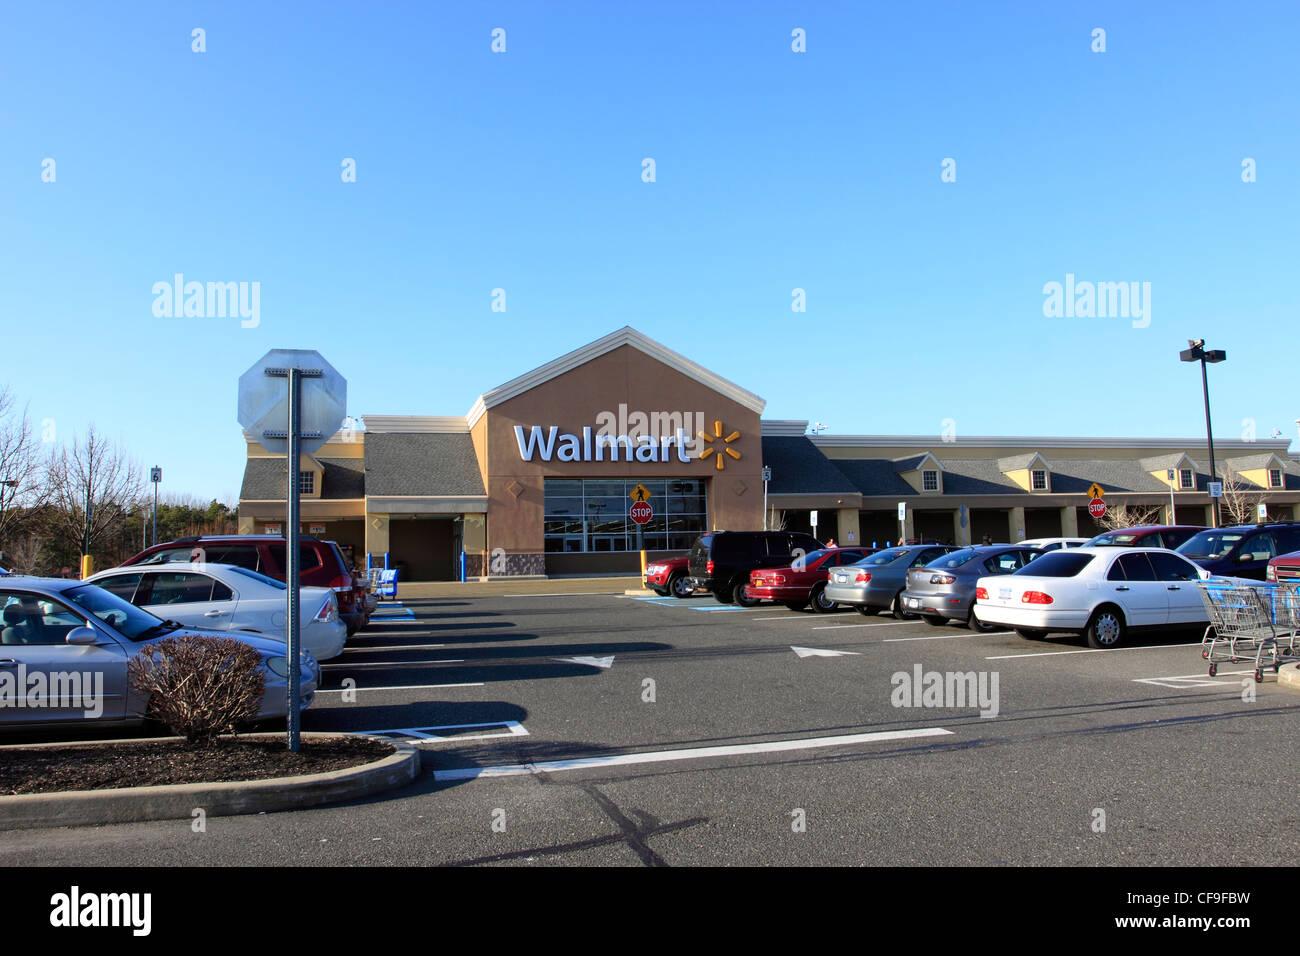 Walmart Store In Long Island Ny